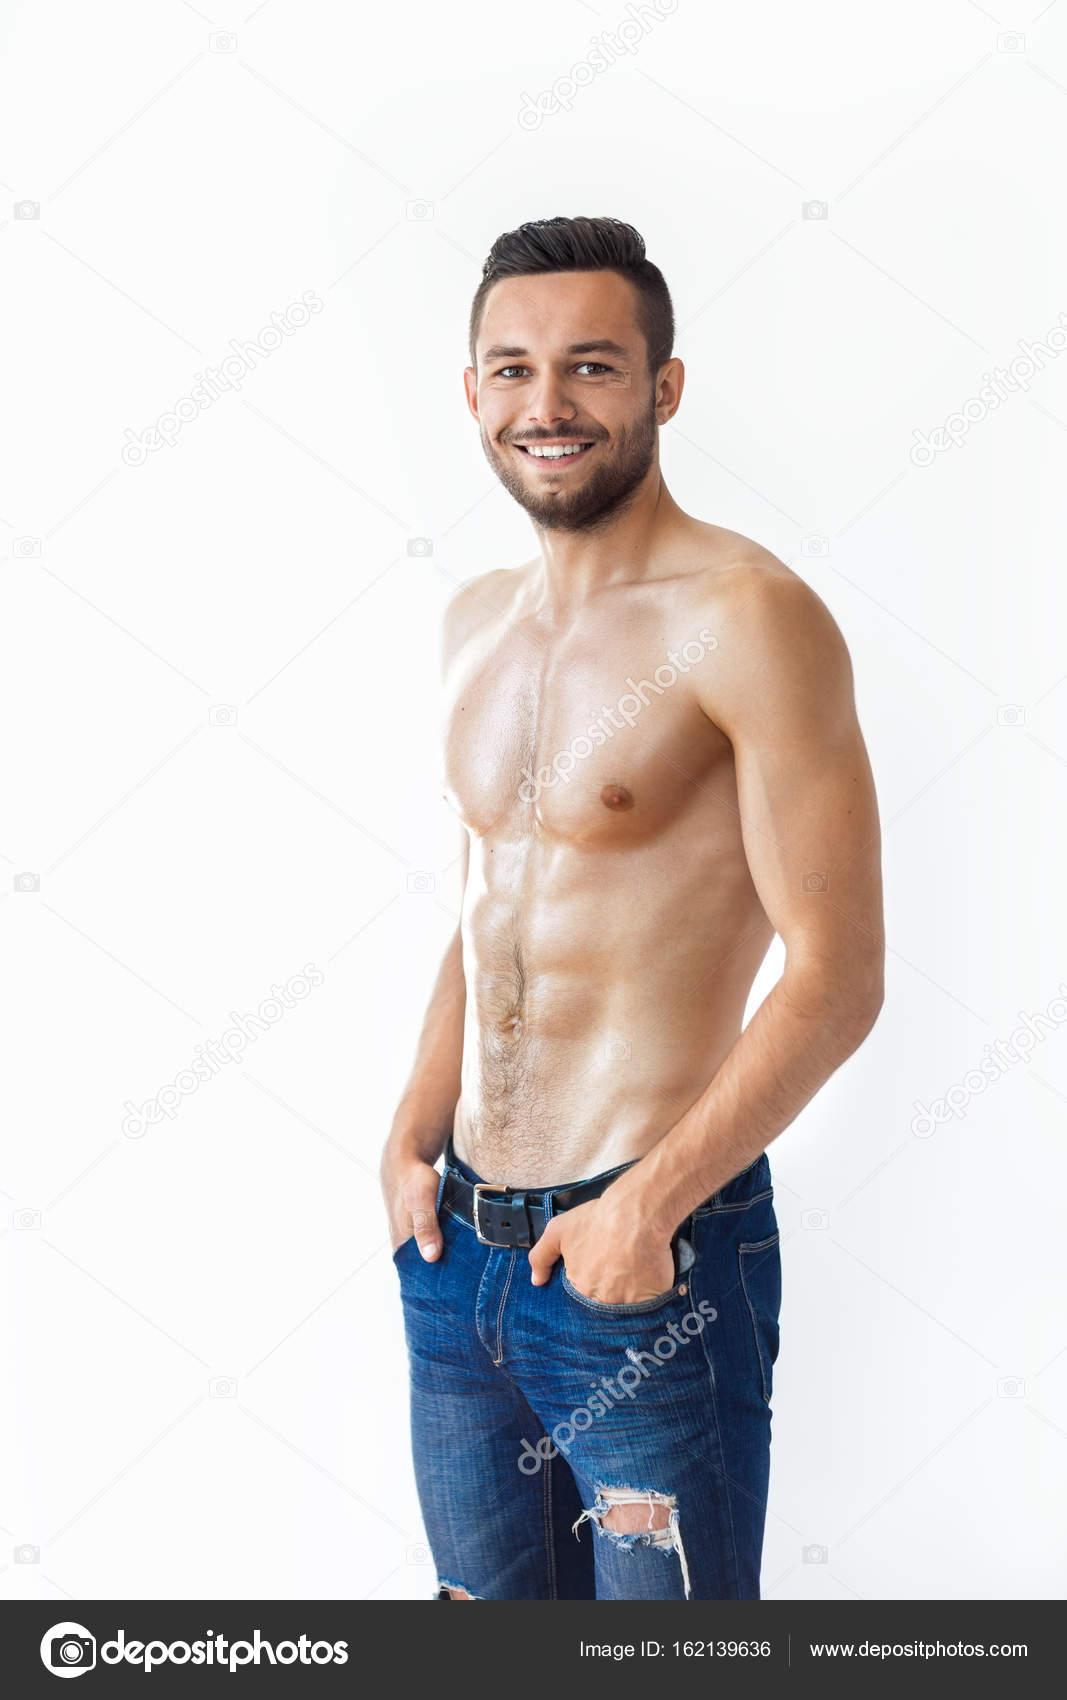 muskulöser nackter Oberkörper Mann in jeans — Stockfoto © Gladkov ...